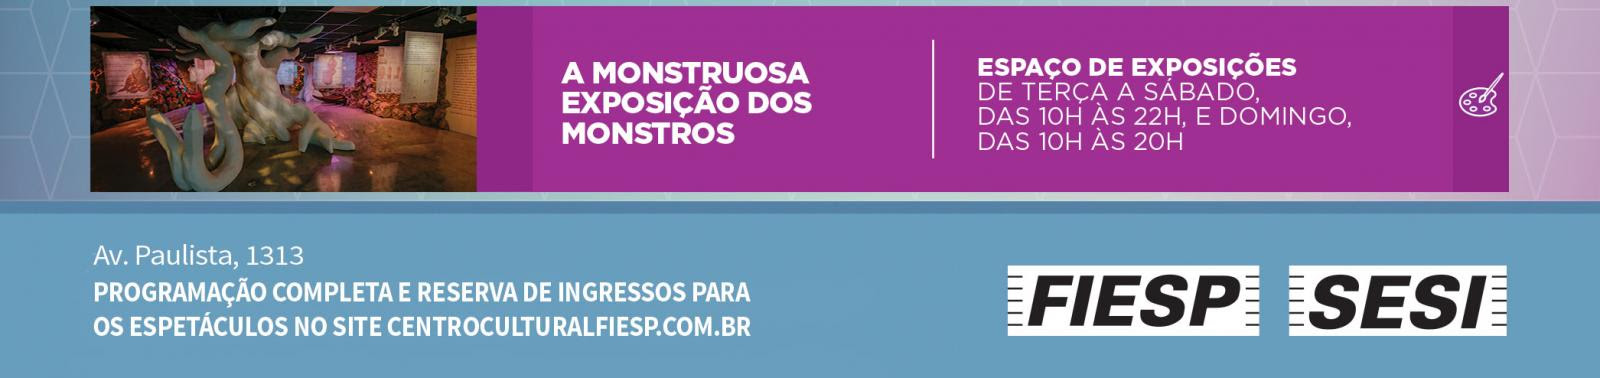 ESPETÁCULO: A MONSTRUOSA EXPOSIÇÃO DOS MONSTROS